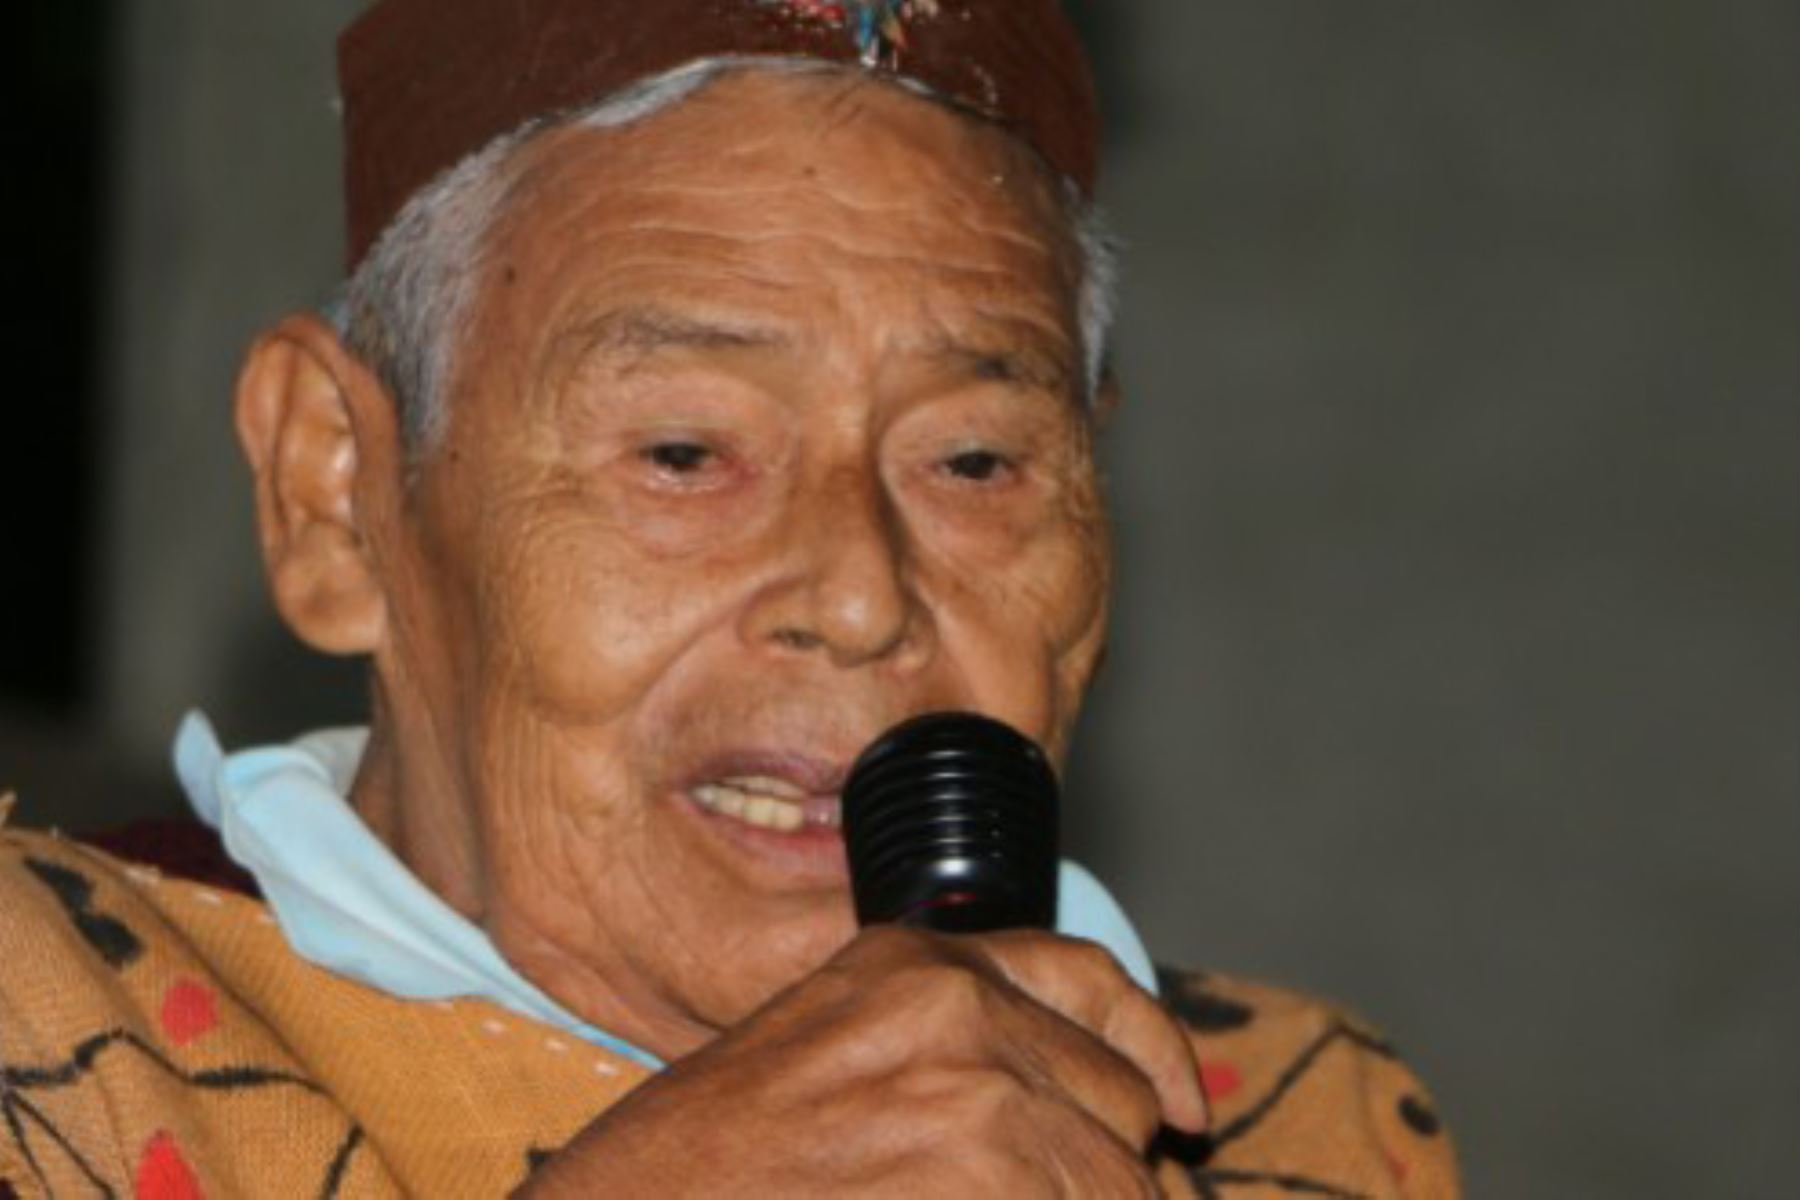 Líder indígena José Tijé fundó la comunidad Arazaire, en el departamento de Madre de Dios, en la selva sur peruana. Foto: Difusión